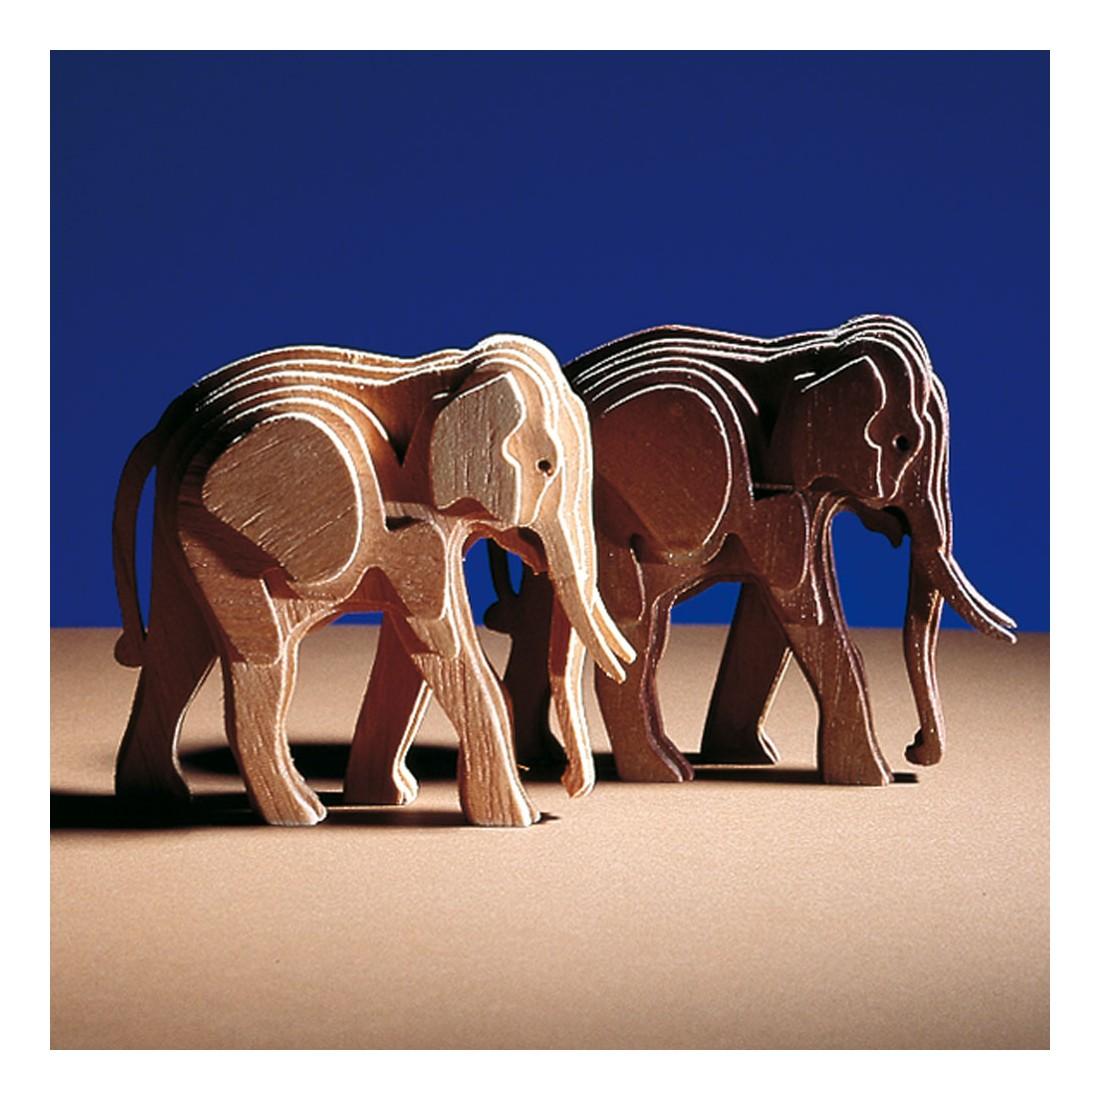 Woodline baby elephant